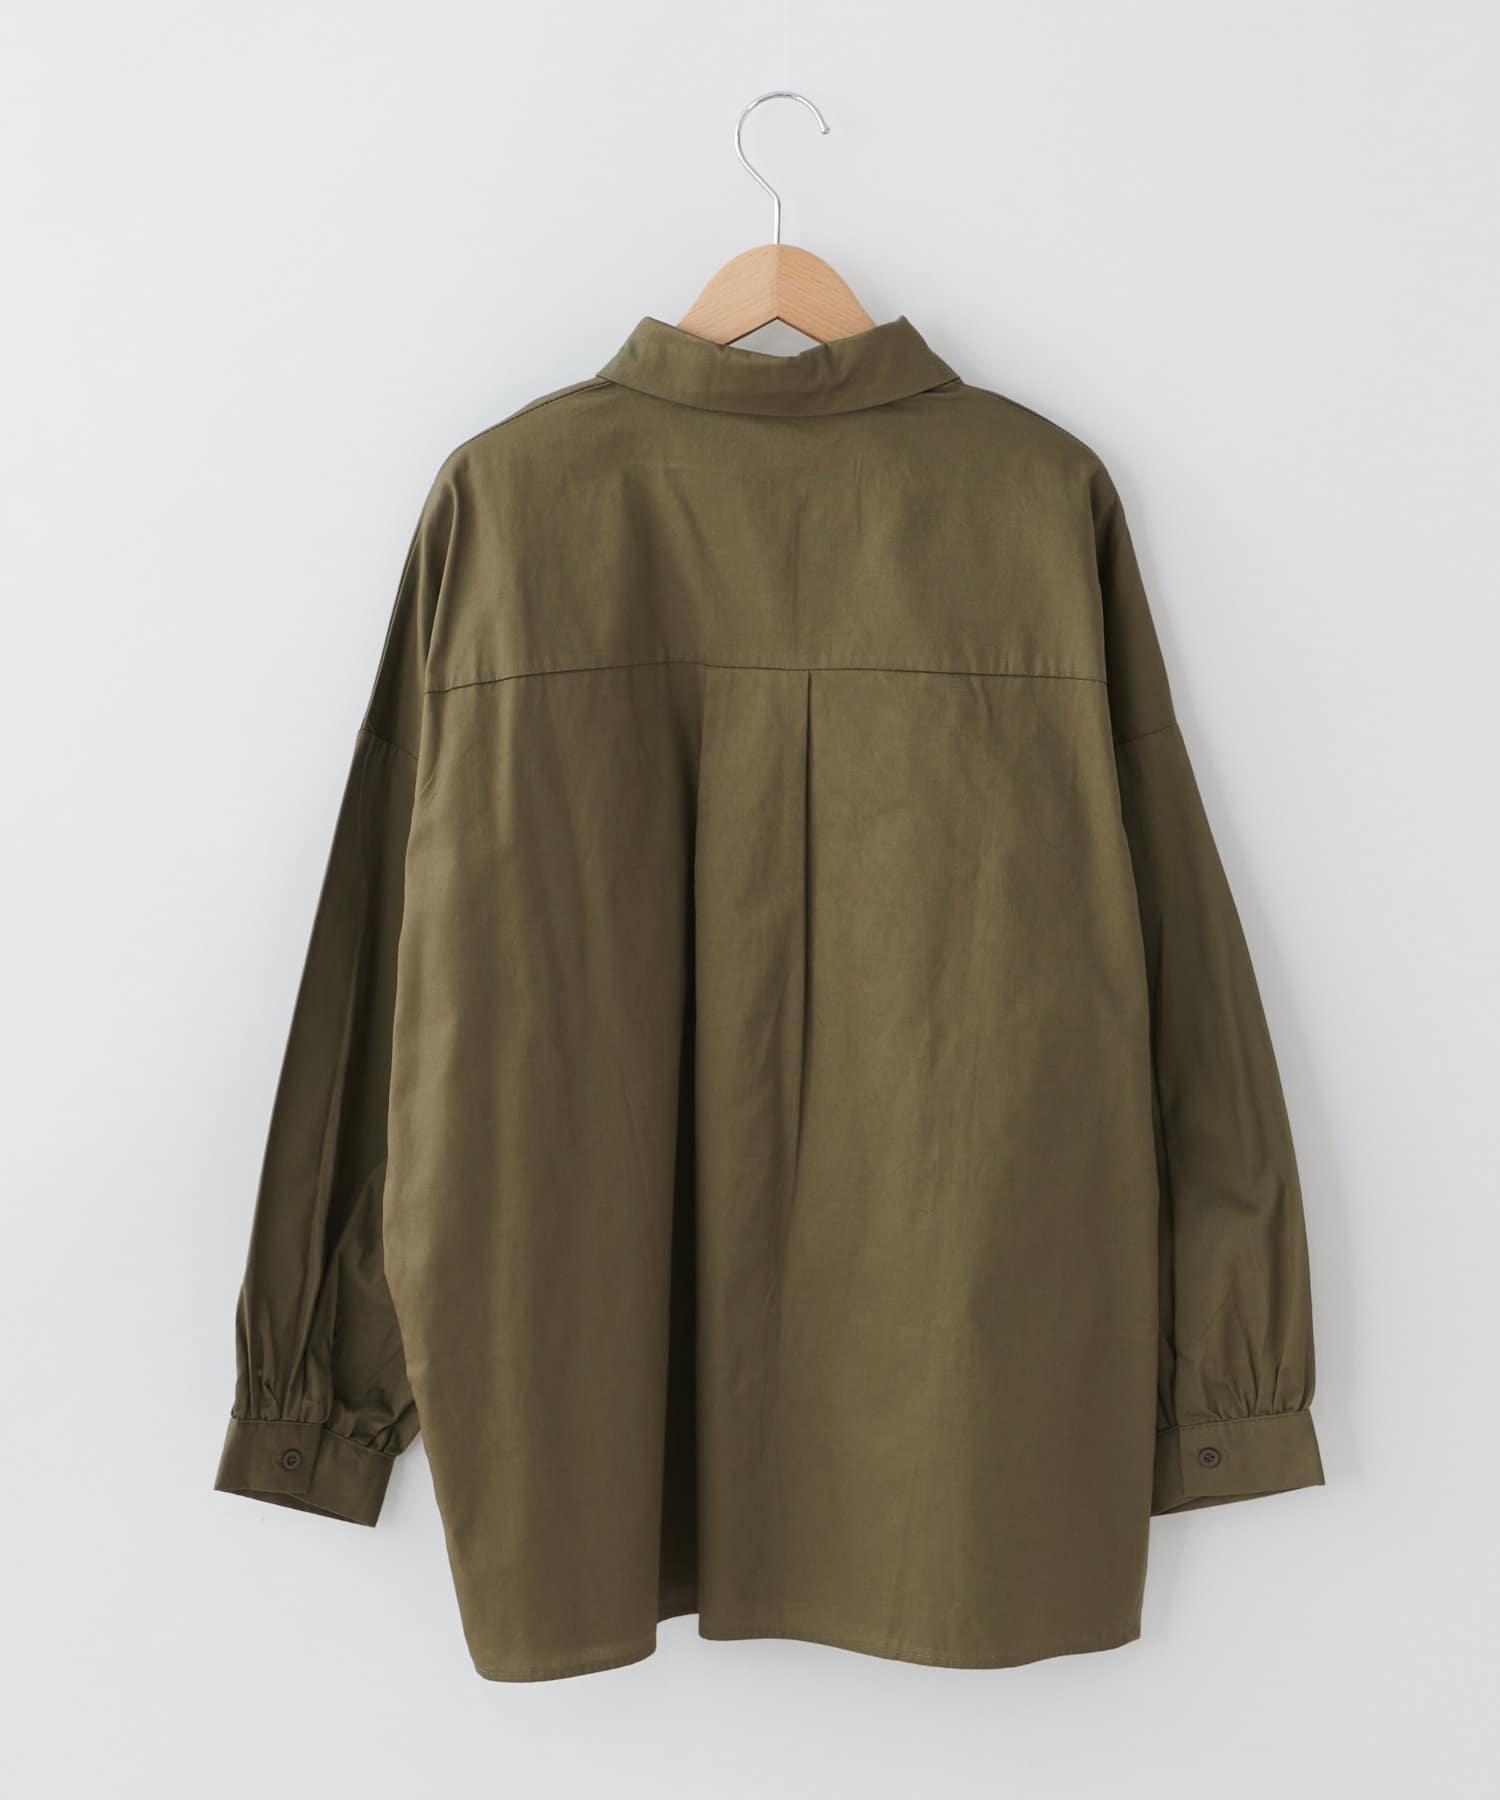 OLIVE des OLIVE OUTLET(オリーブ・デ・オリーブ アウトレット) 【dsf】Big shirt